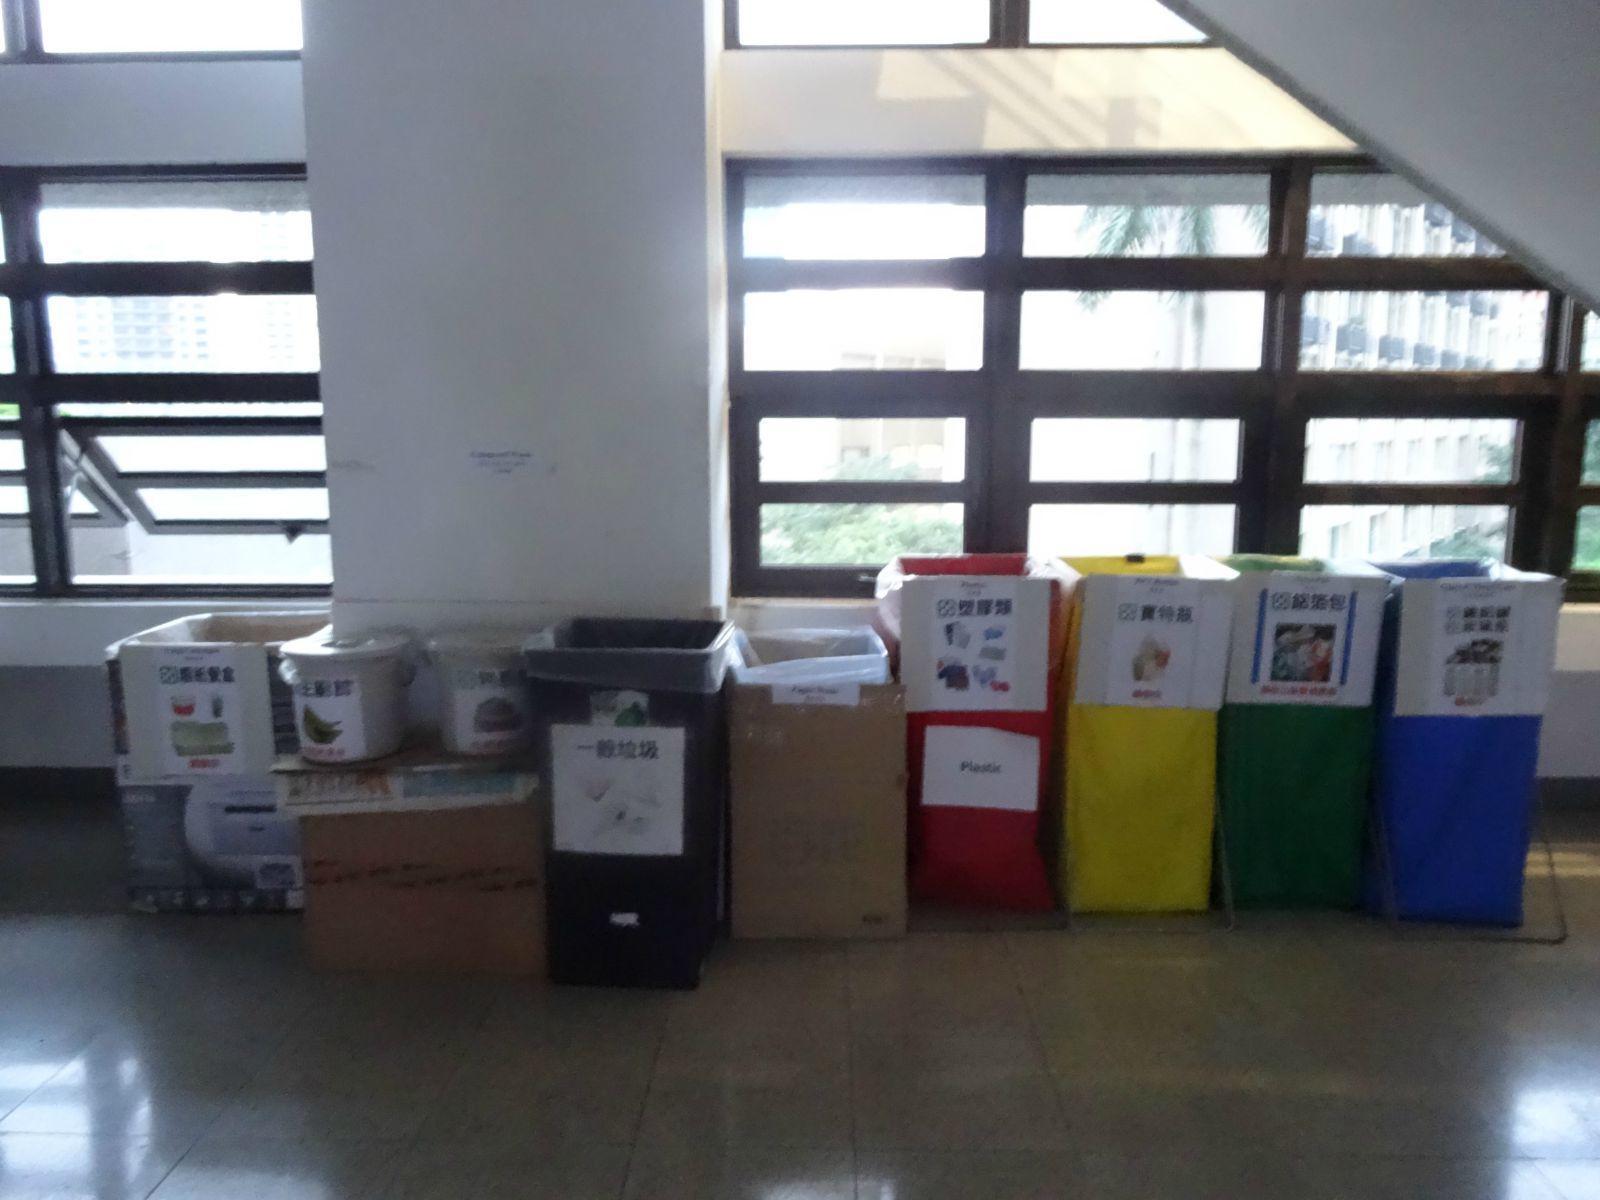 台湾的垃圾分类做得非常好